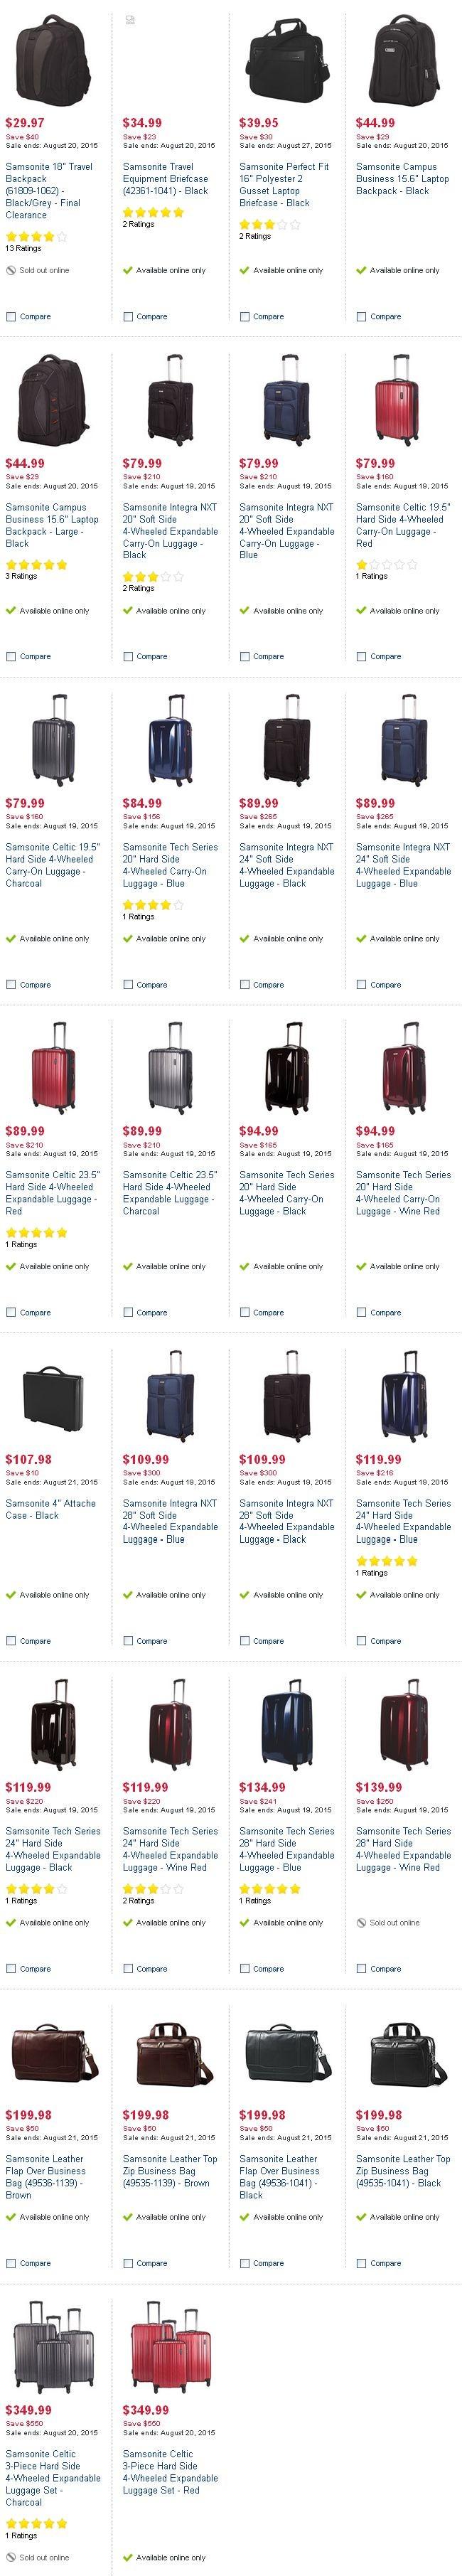 Best Buy 多款Samsonite行李箱背包2.5折起特卖